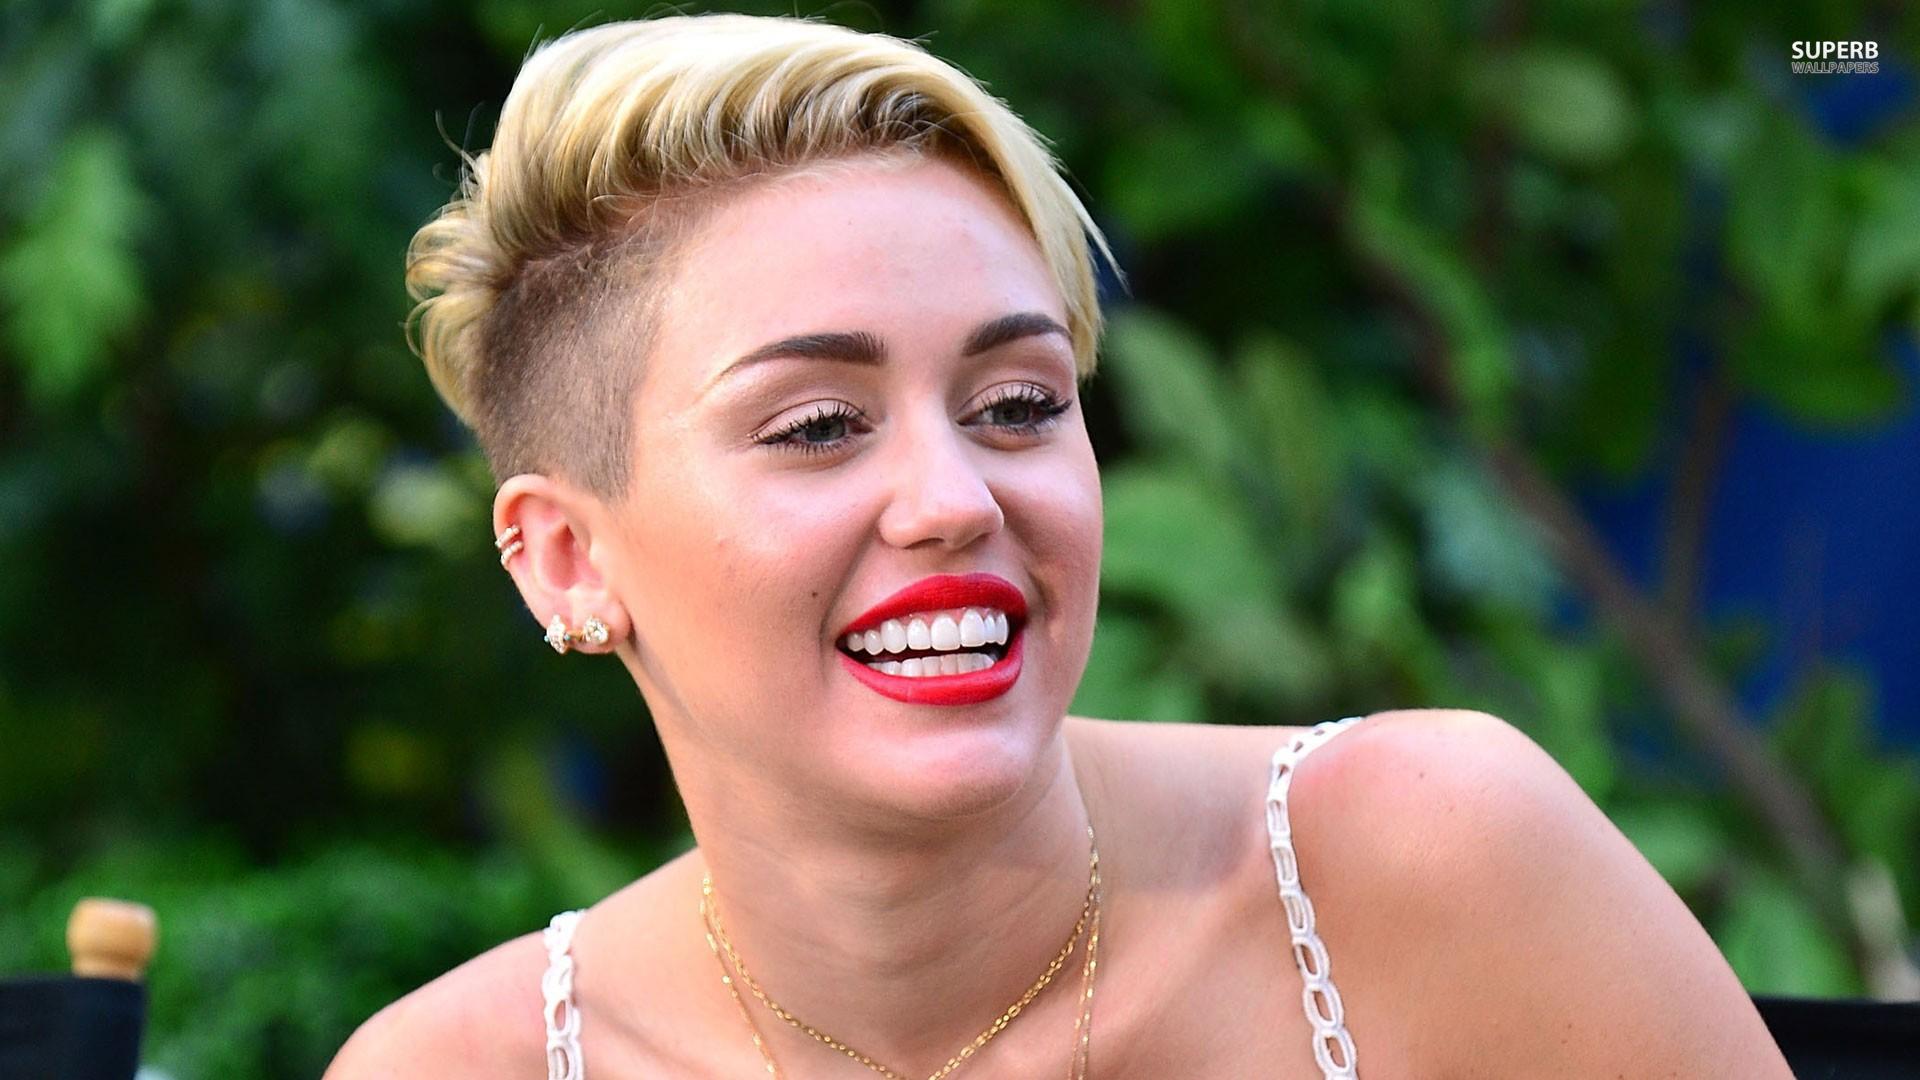 Miley Cyrus High Definition